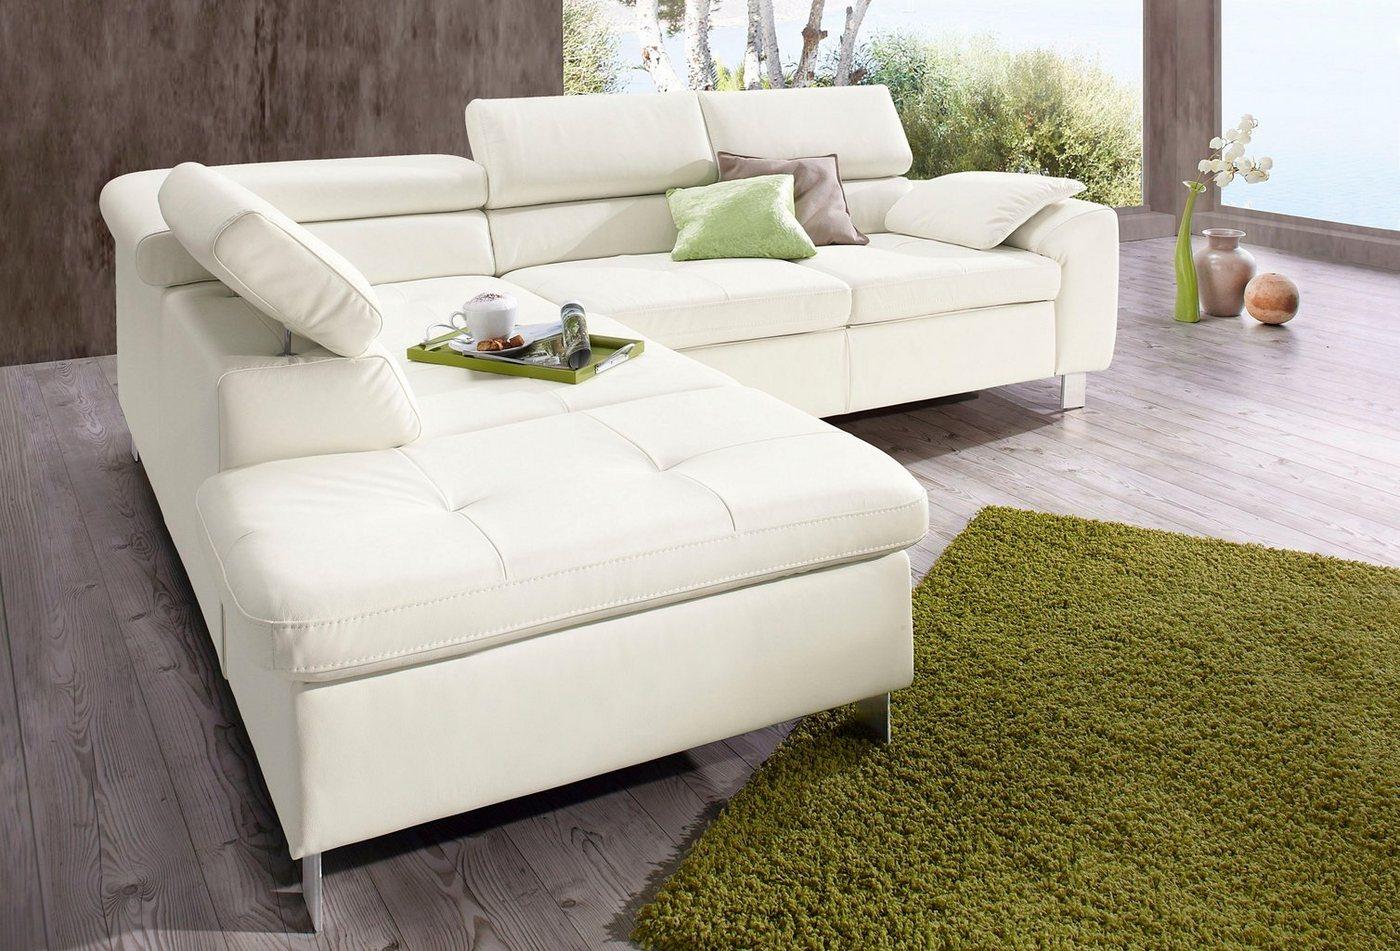 sit&more Ecksofa, wahlweise mit Bettfunktion | Wohnzimmer > Sofas & Couches > Ecksofas & Eckcouches | Weiß | sit&more